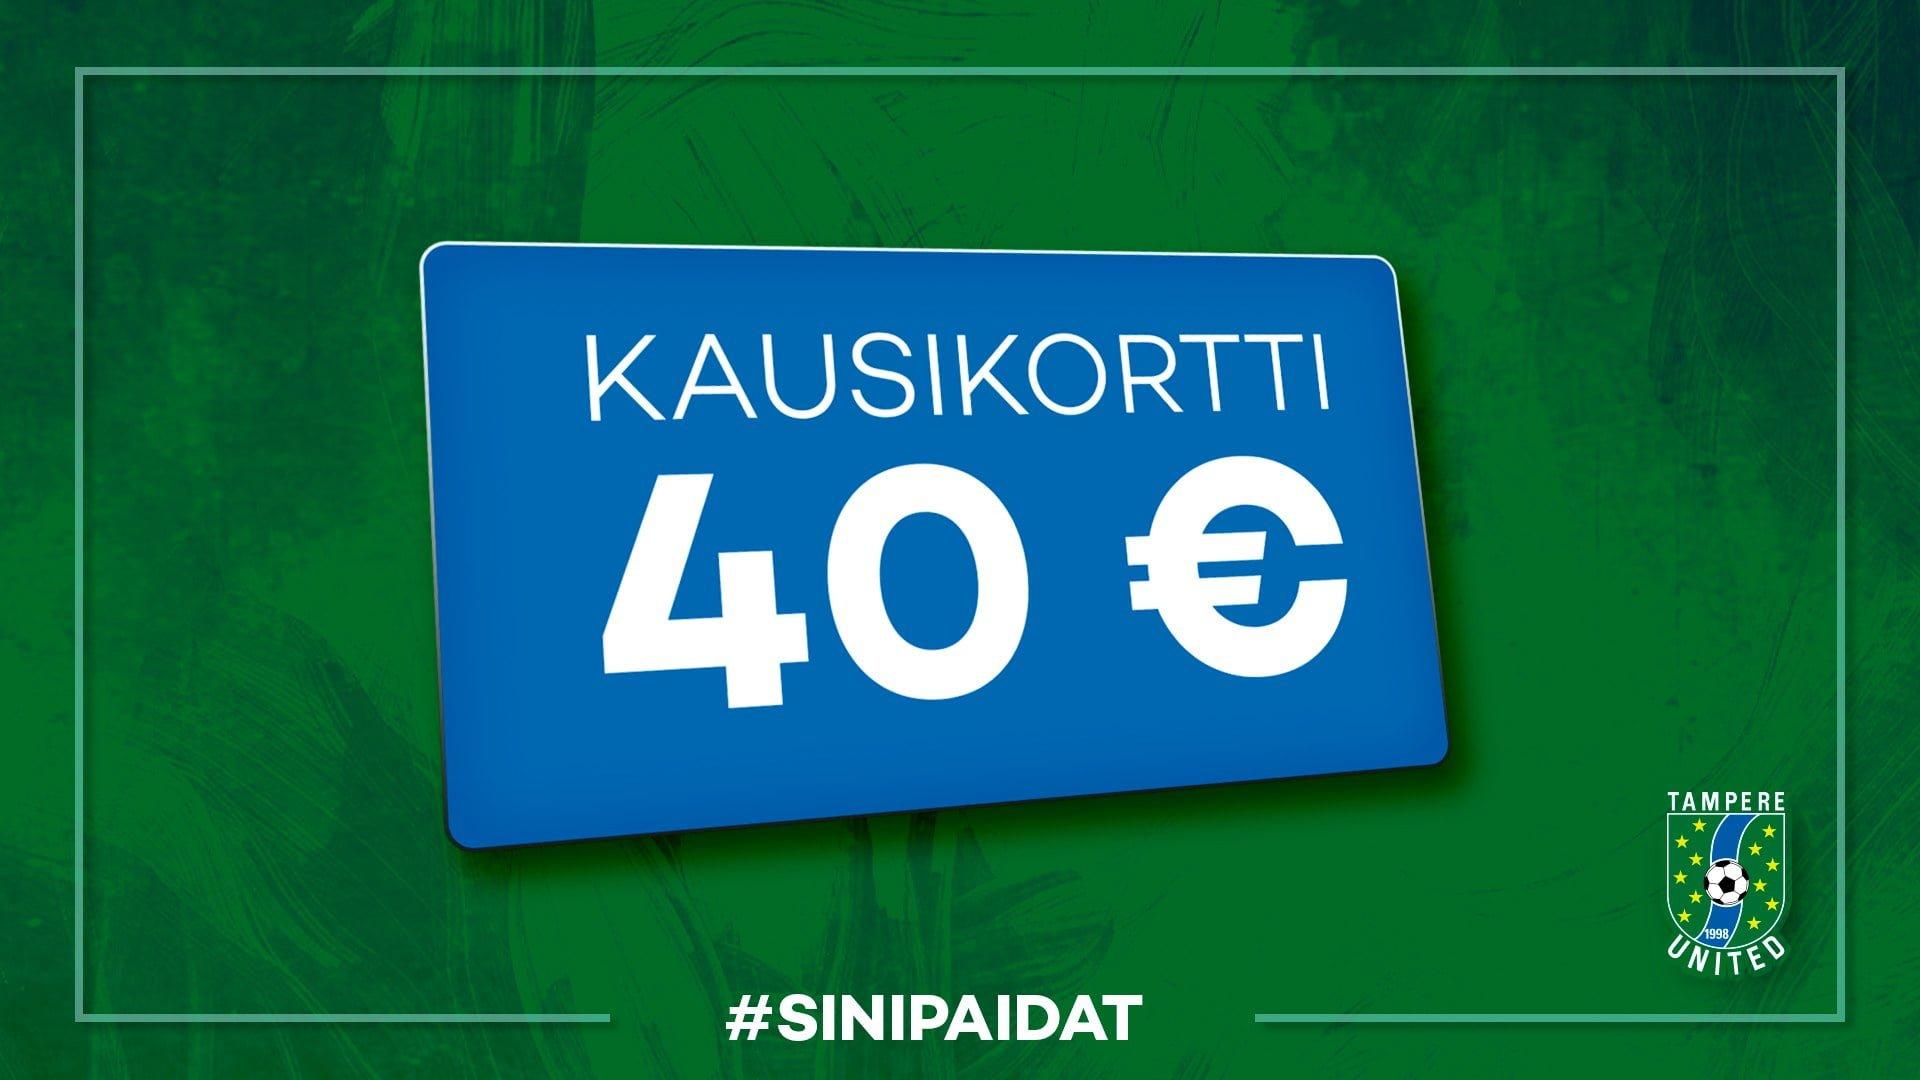 Osta kausikortti kaudelle 2020 – kampanjahinta vain 40 € -uutiskuva